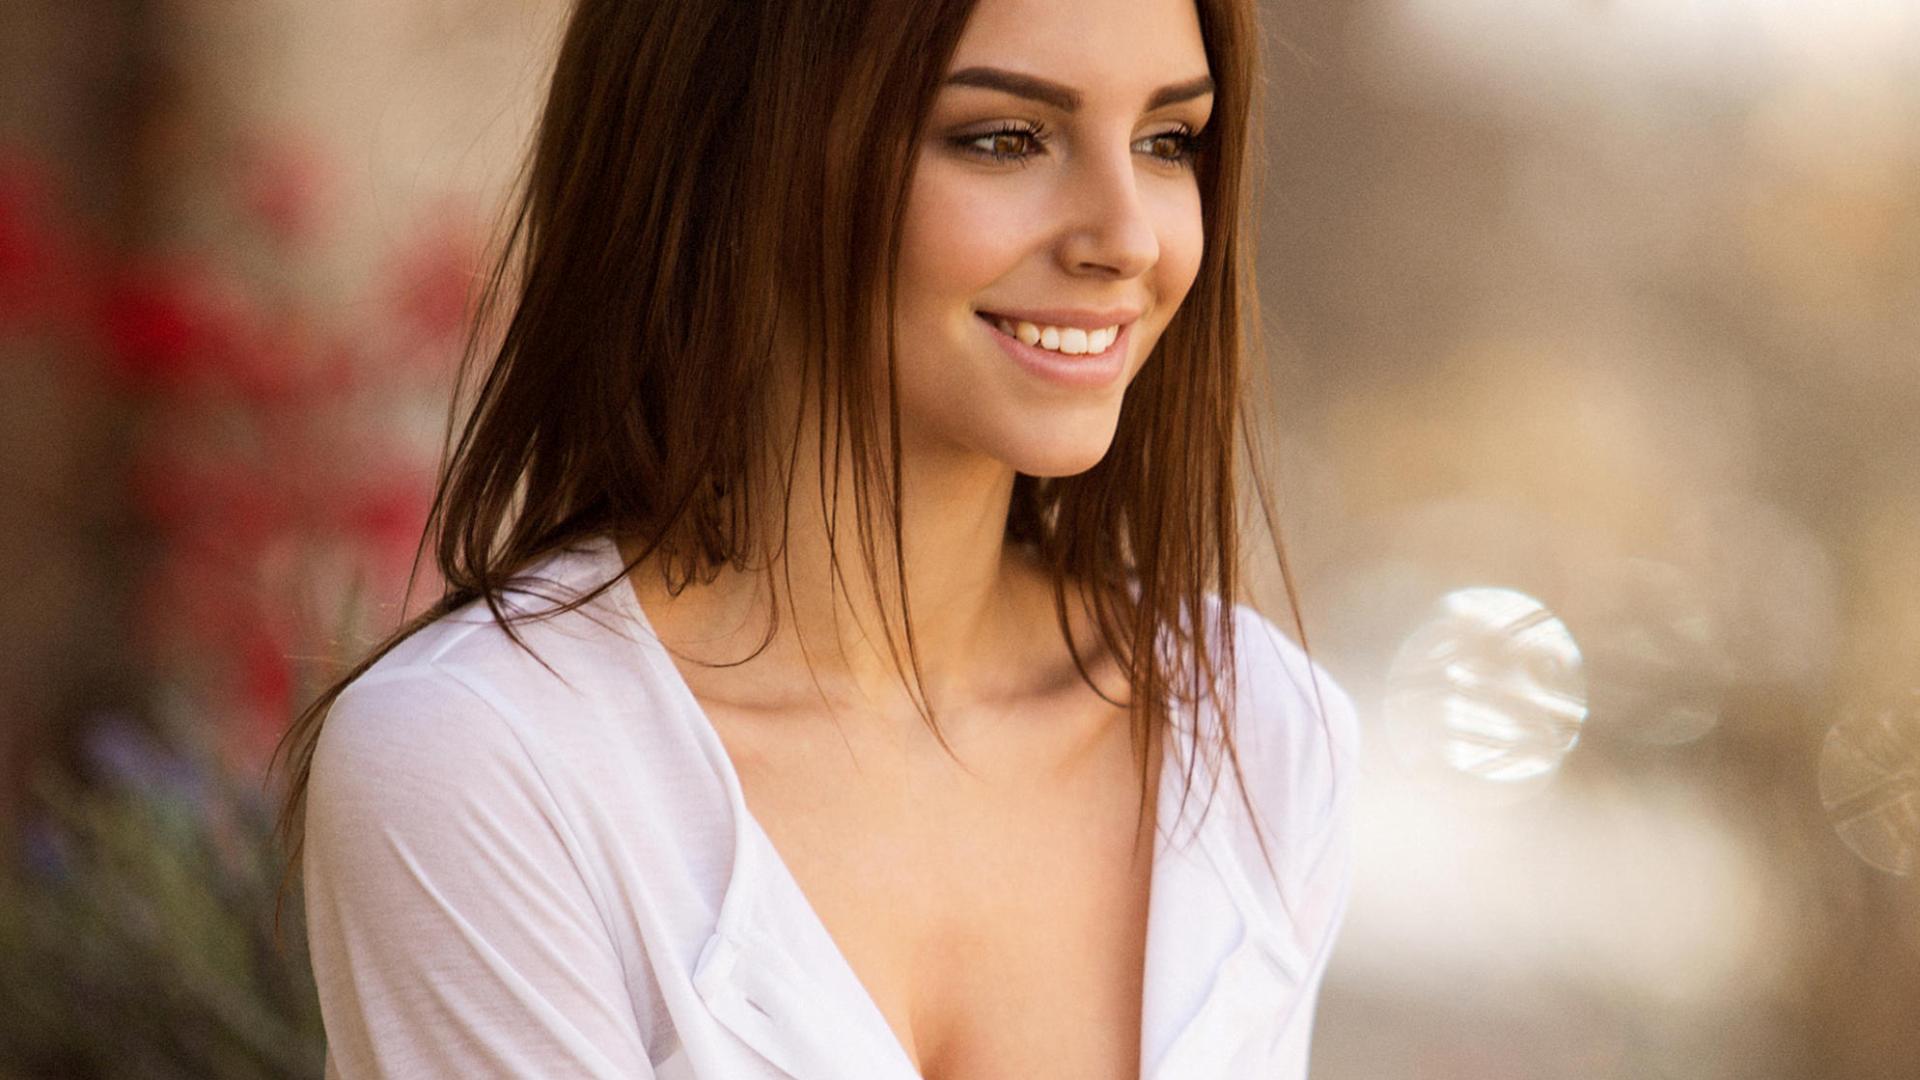 Улыбающаяся девушка фото на аву